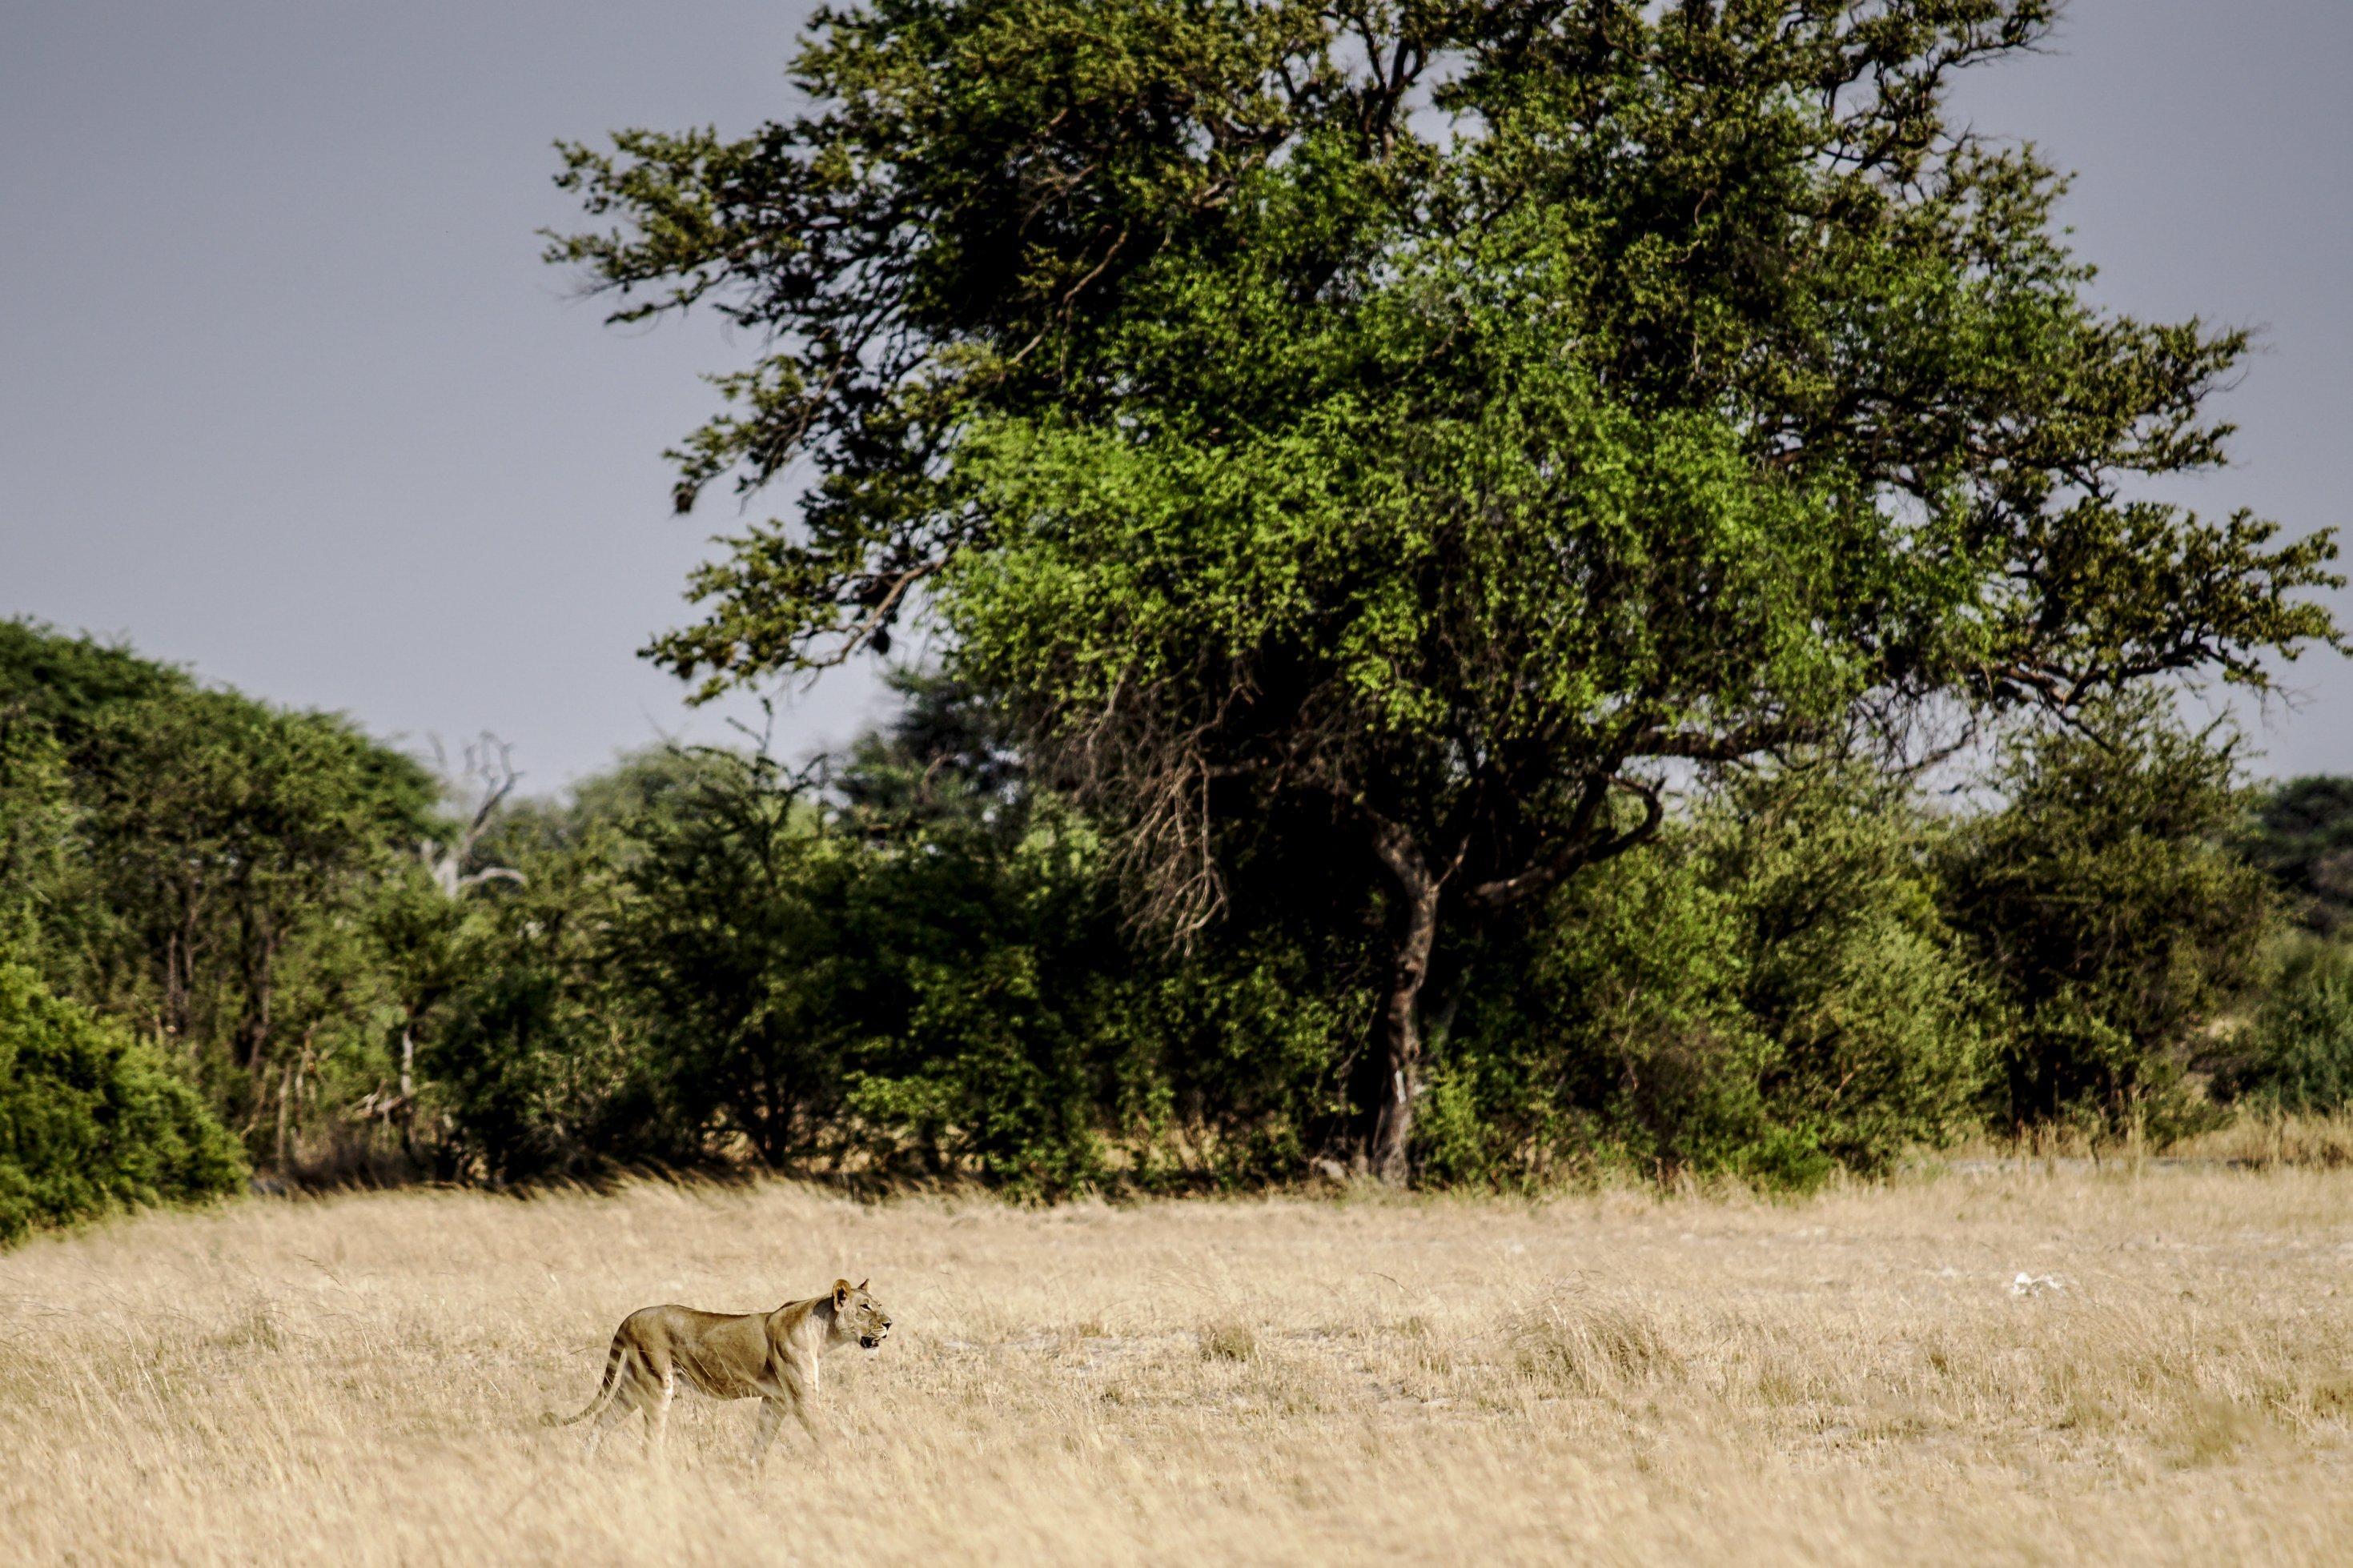 Eine Löwin streift durch langes gelbes Gras im Gebiet zwischen dem Hwange-Nationalpark und den Dörfern, hinter ihr der Waldrand mit hohen Bäumen